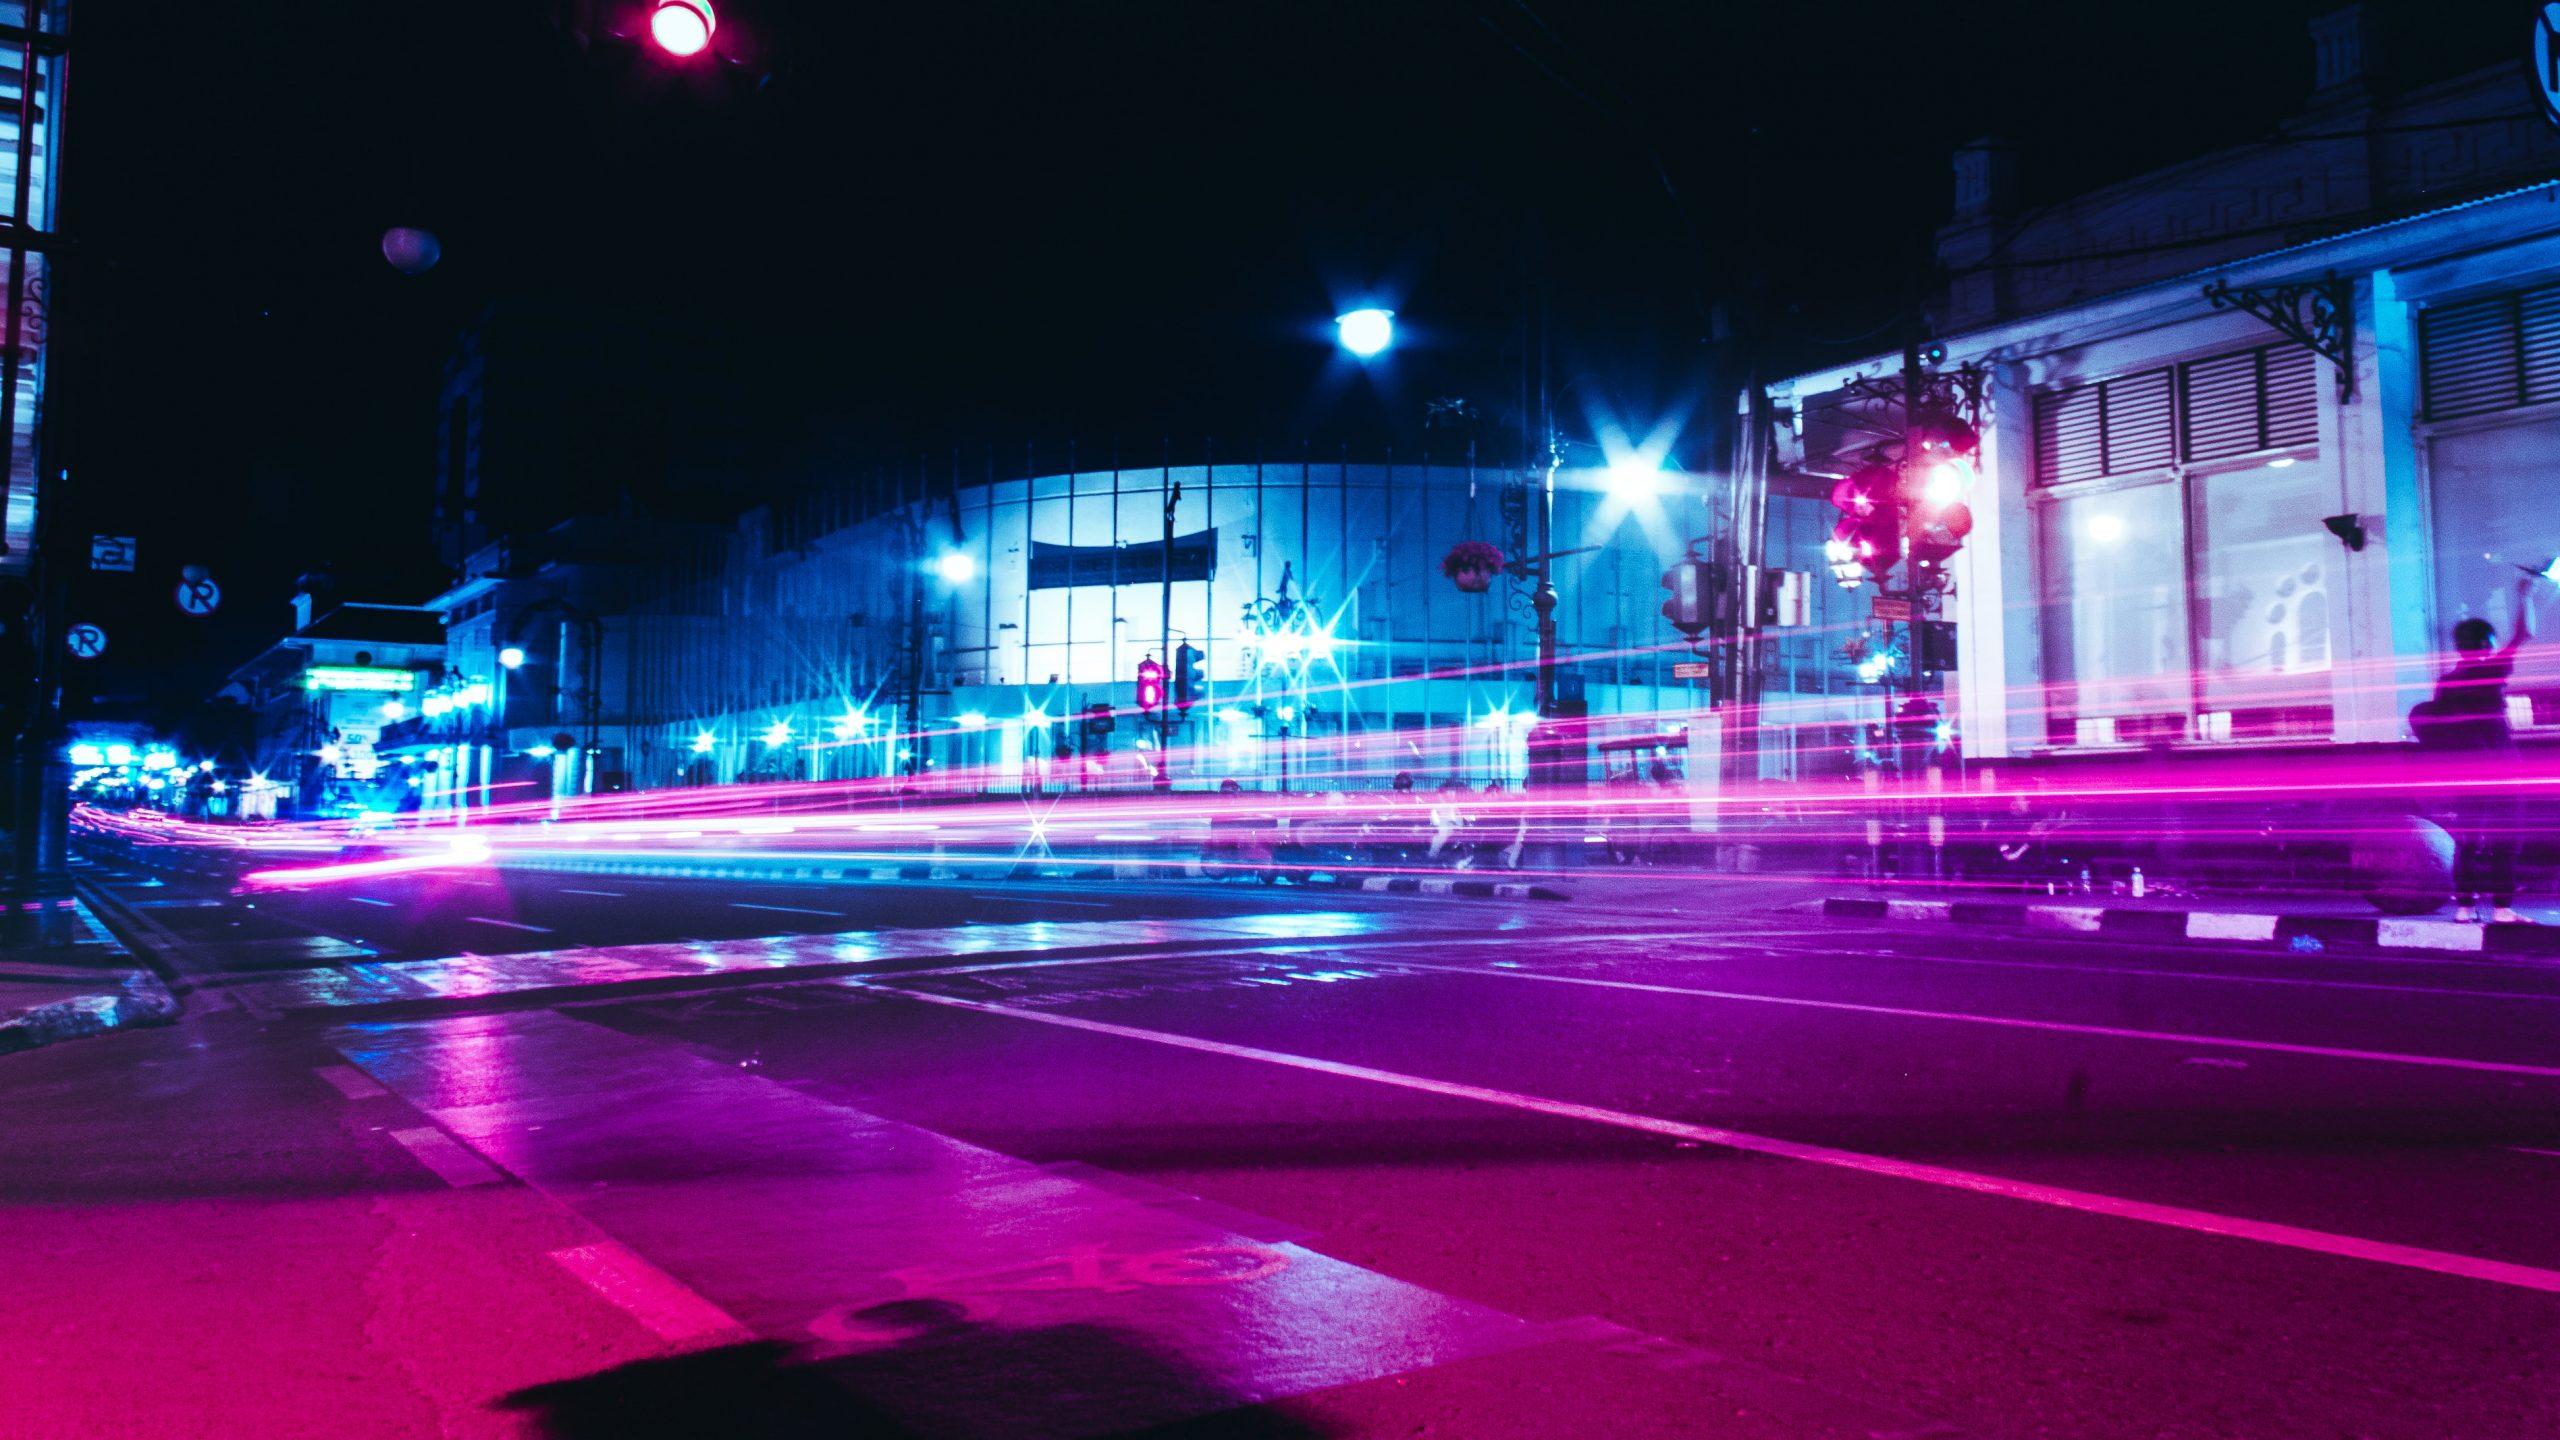 LED street lighting світлодіодне освітлення вулиць